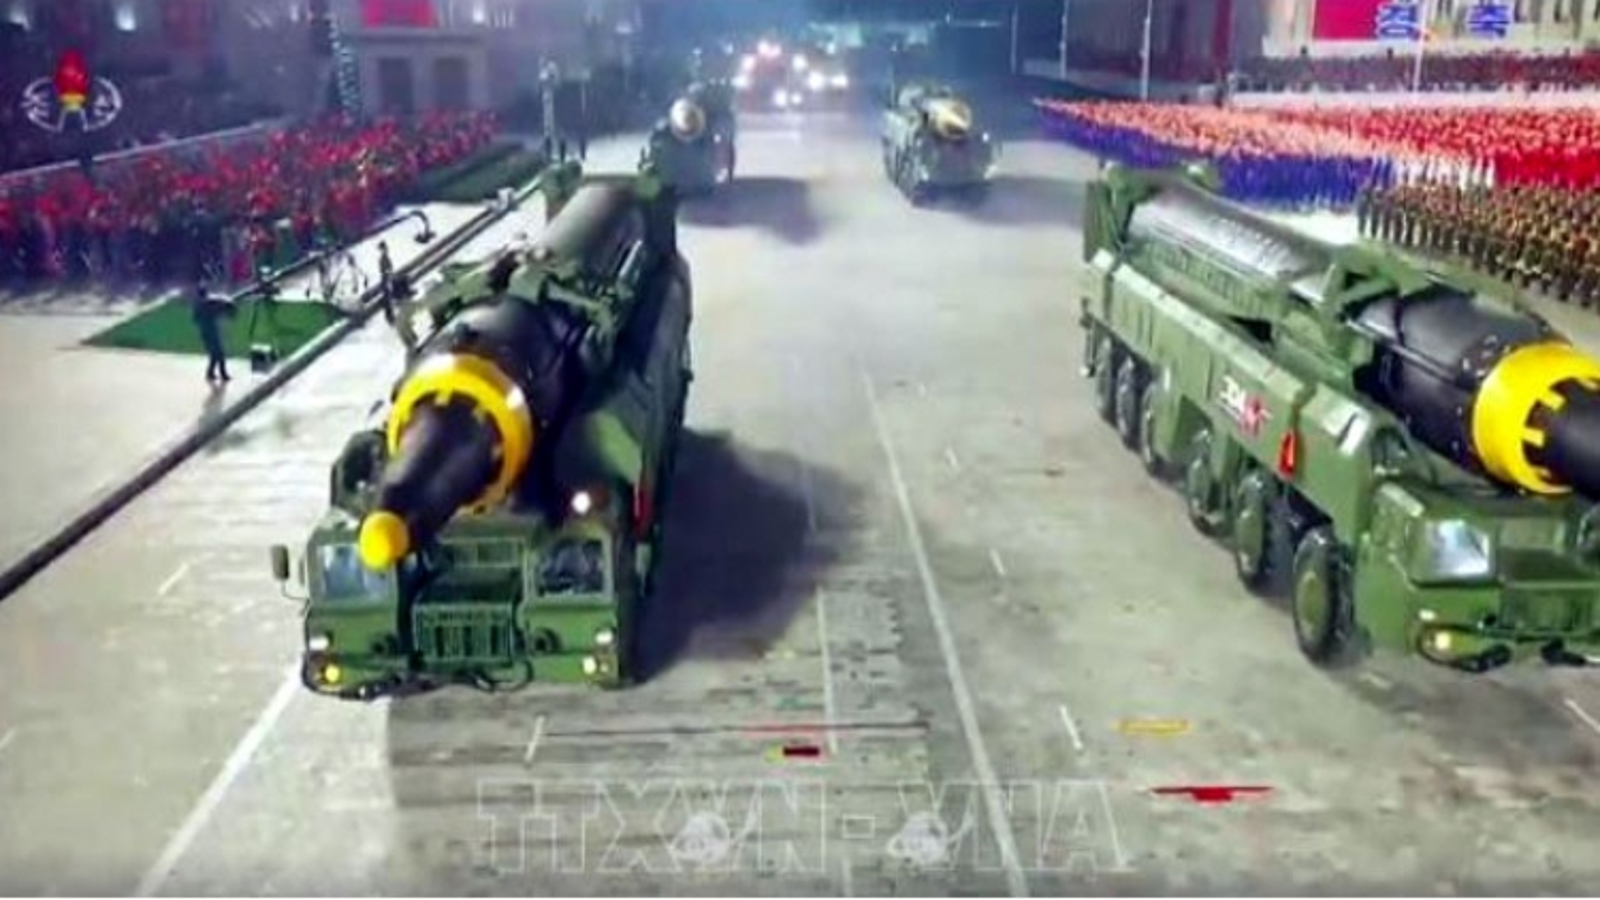 Nhật Bản giám sát chặt chẽ tên lửa của Triều Tiên